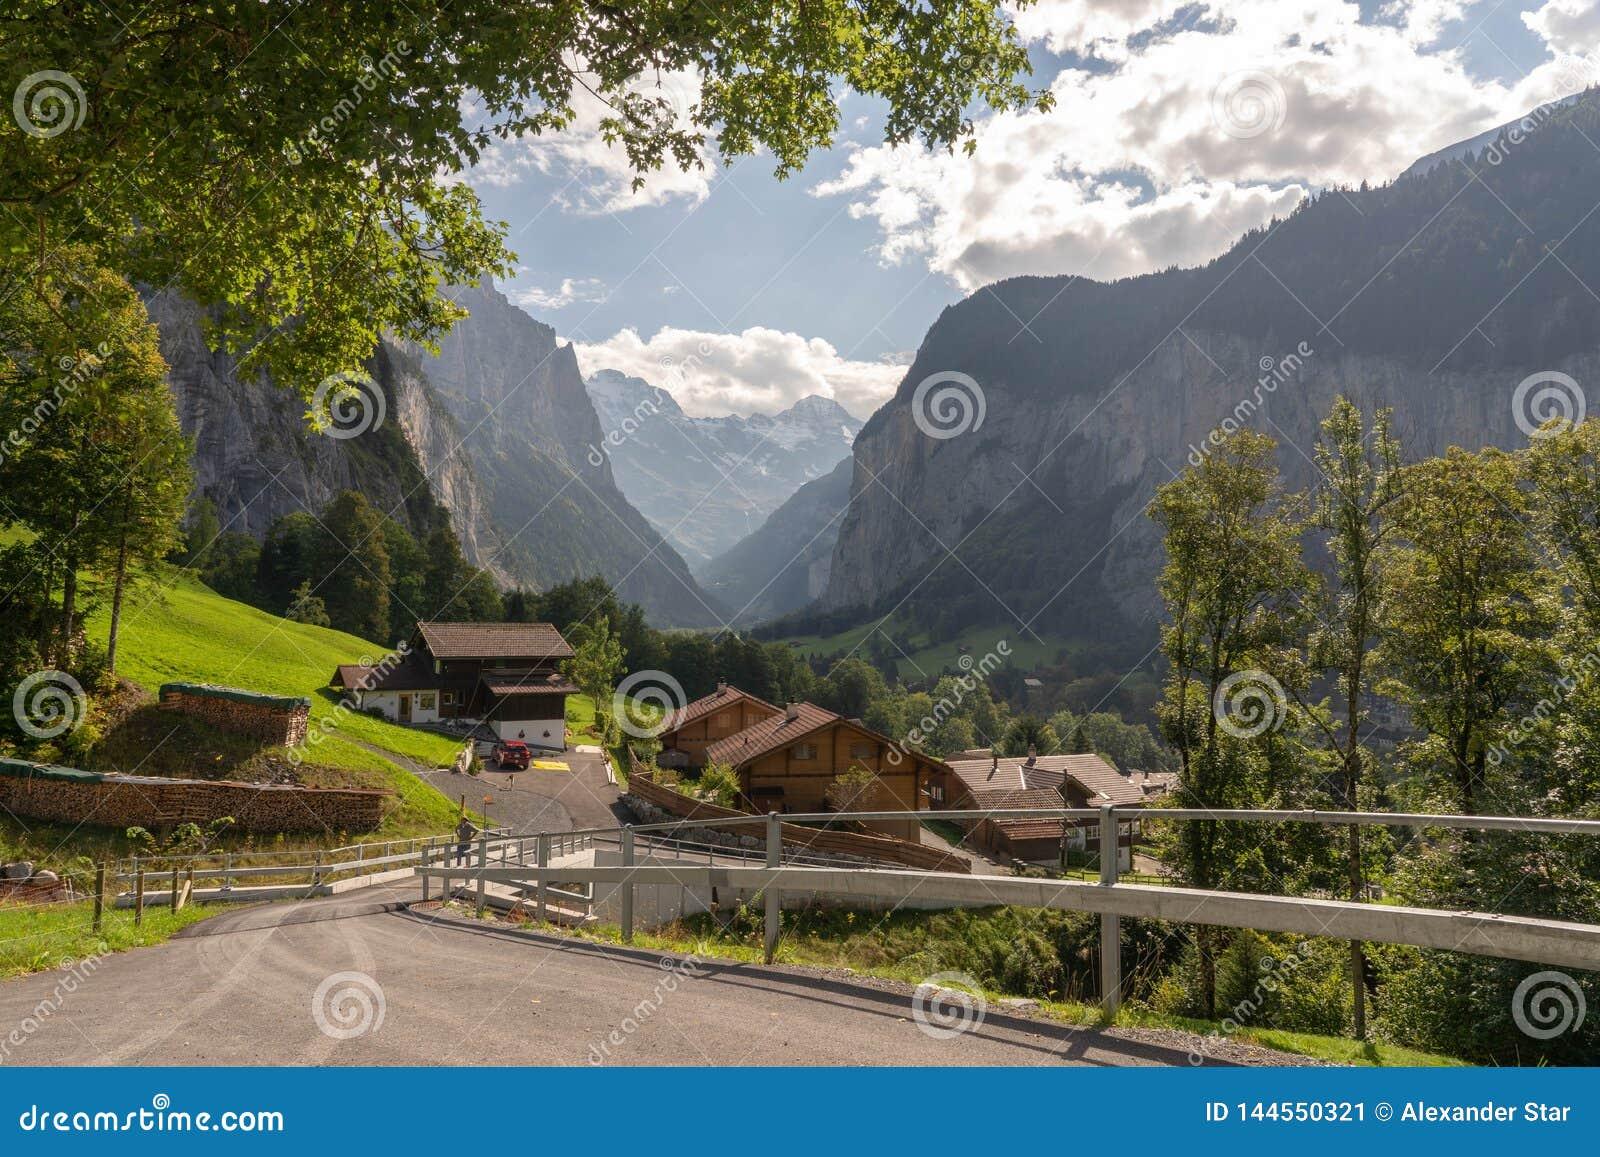 Le alpi svizzere lauterbrunnen la strada campestre del villaggio